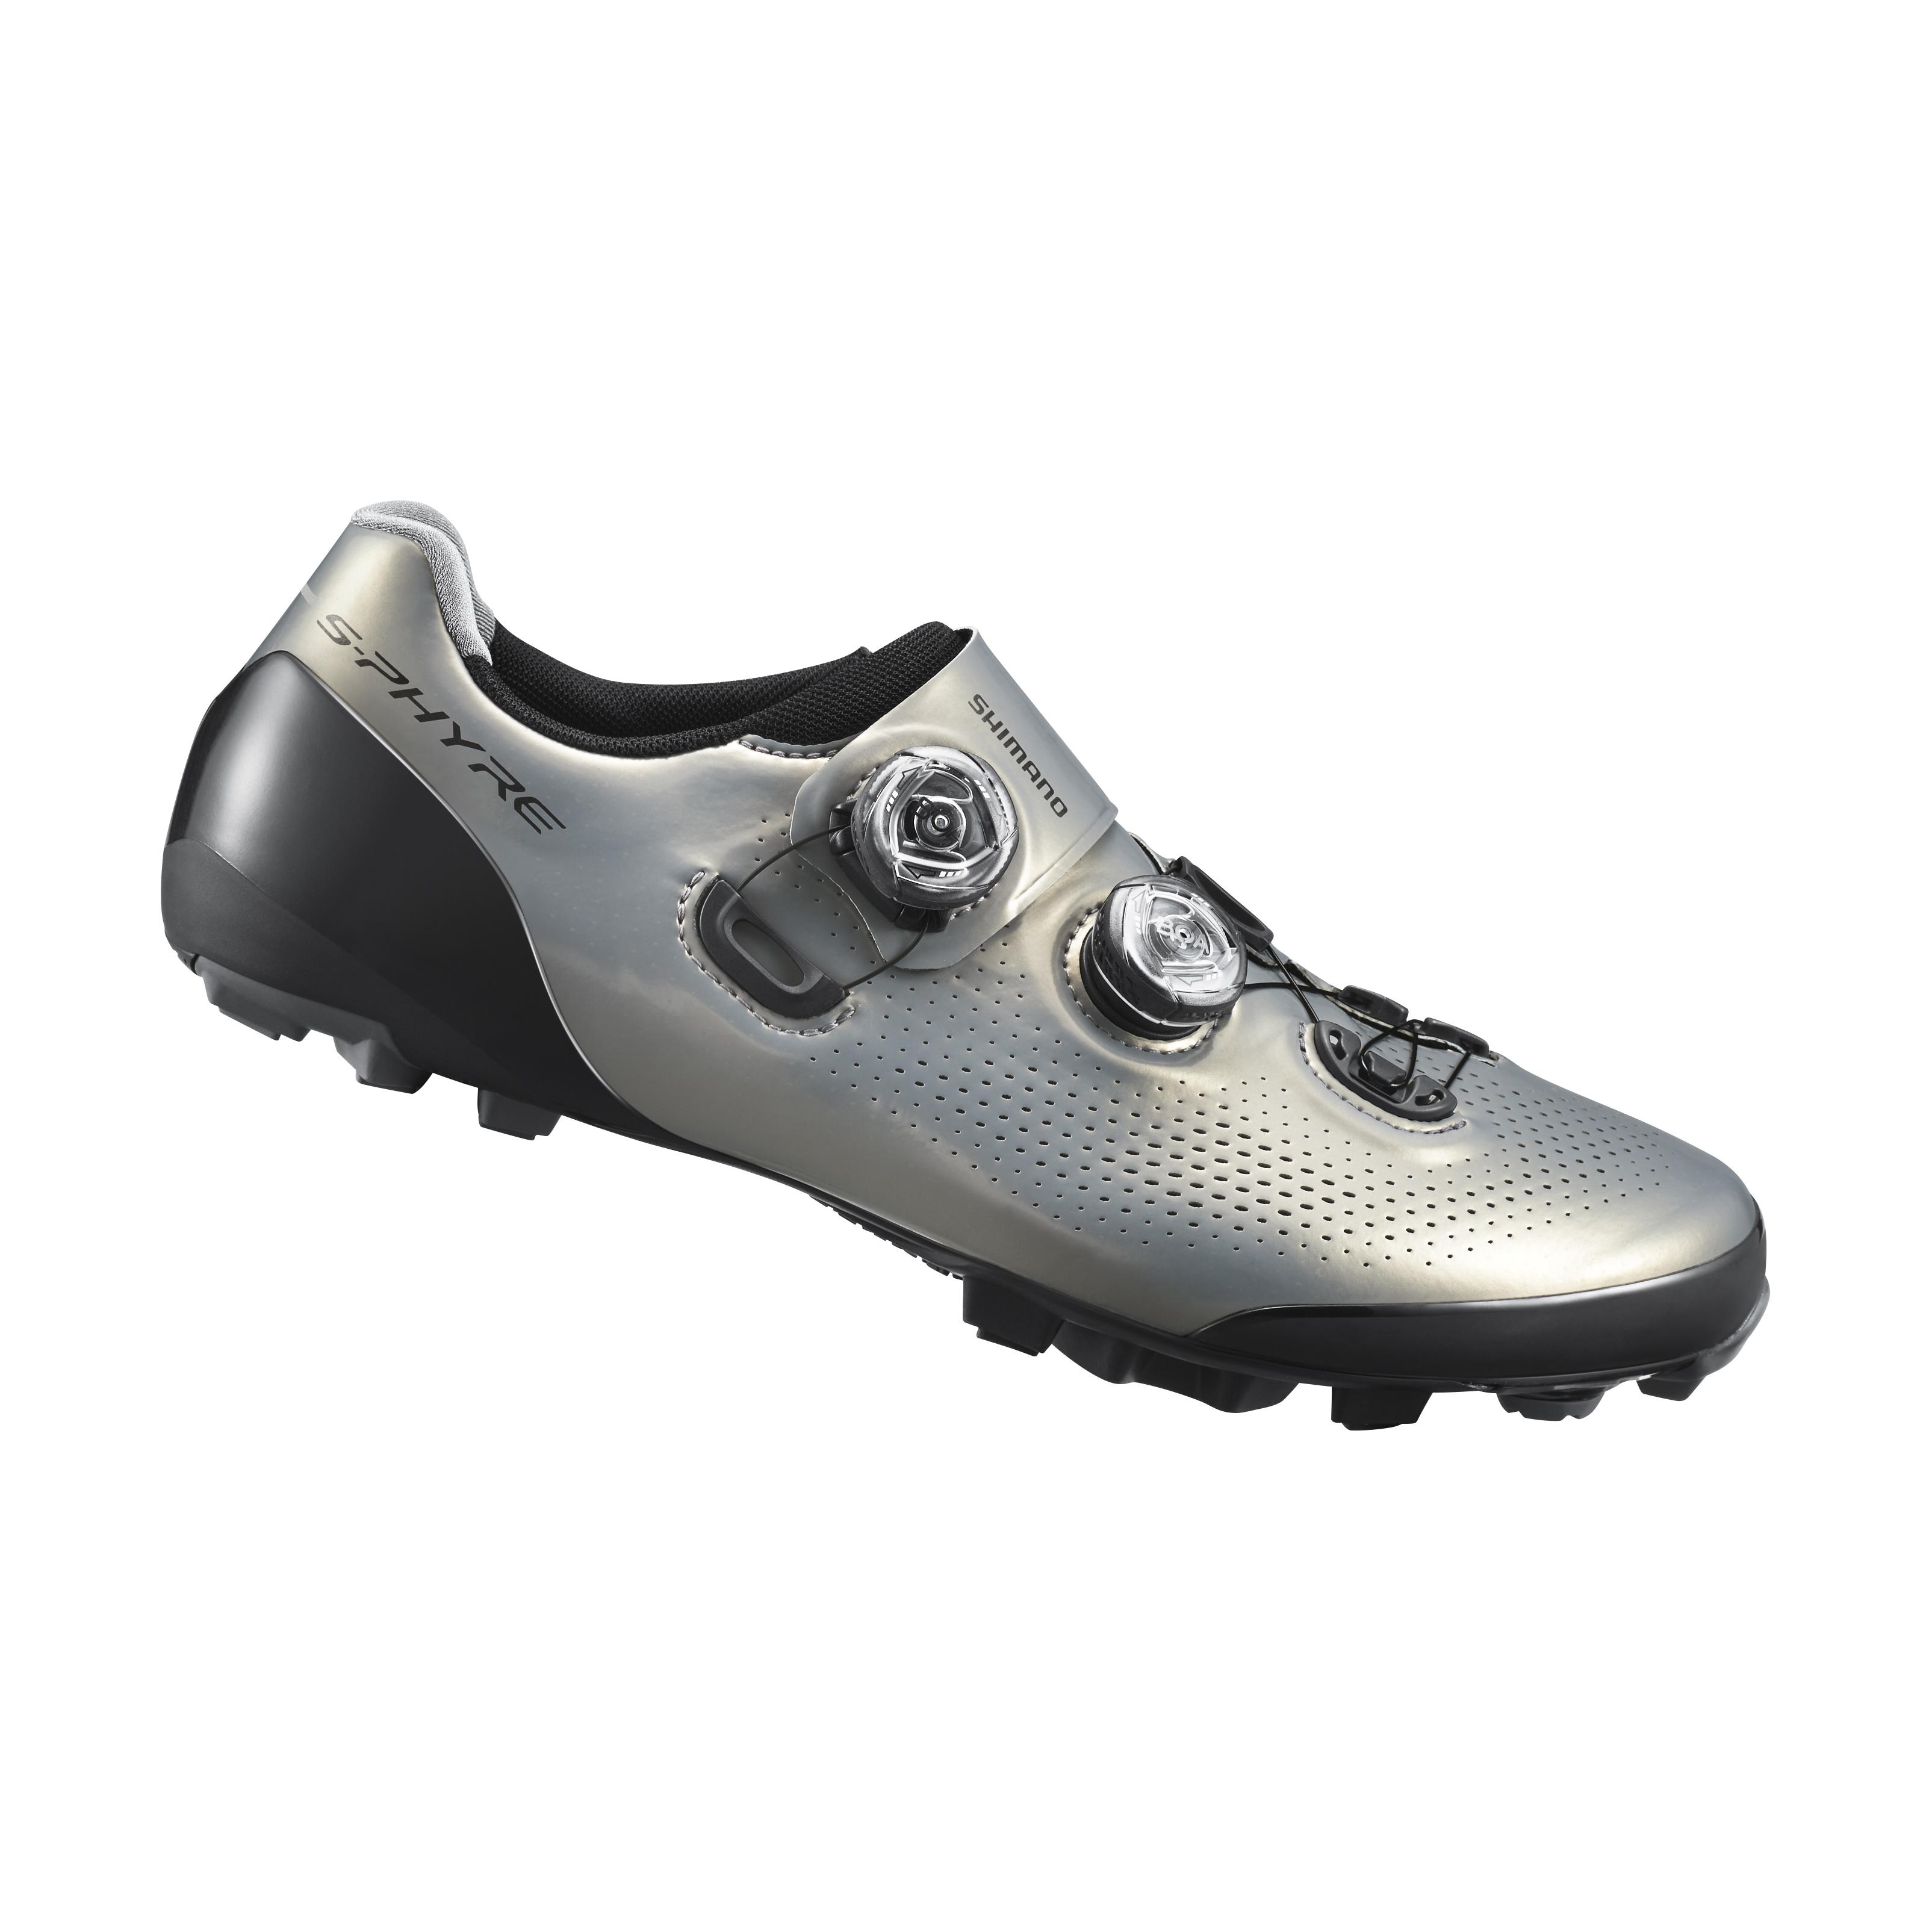 SHIMANO MTB obuv SH-XC901MS, stříbrná, 42